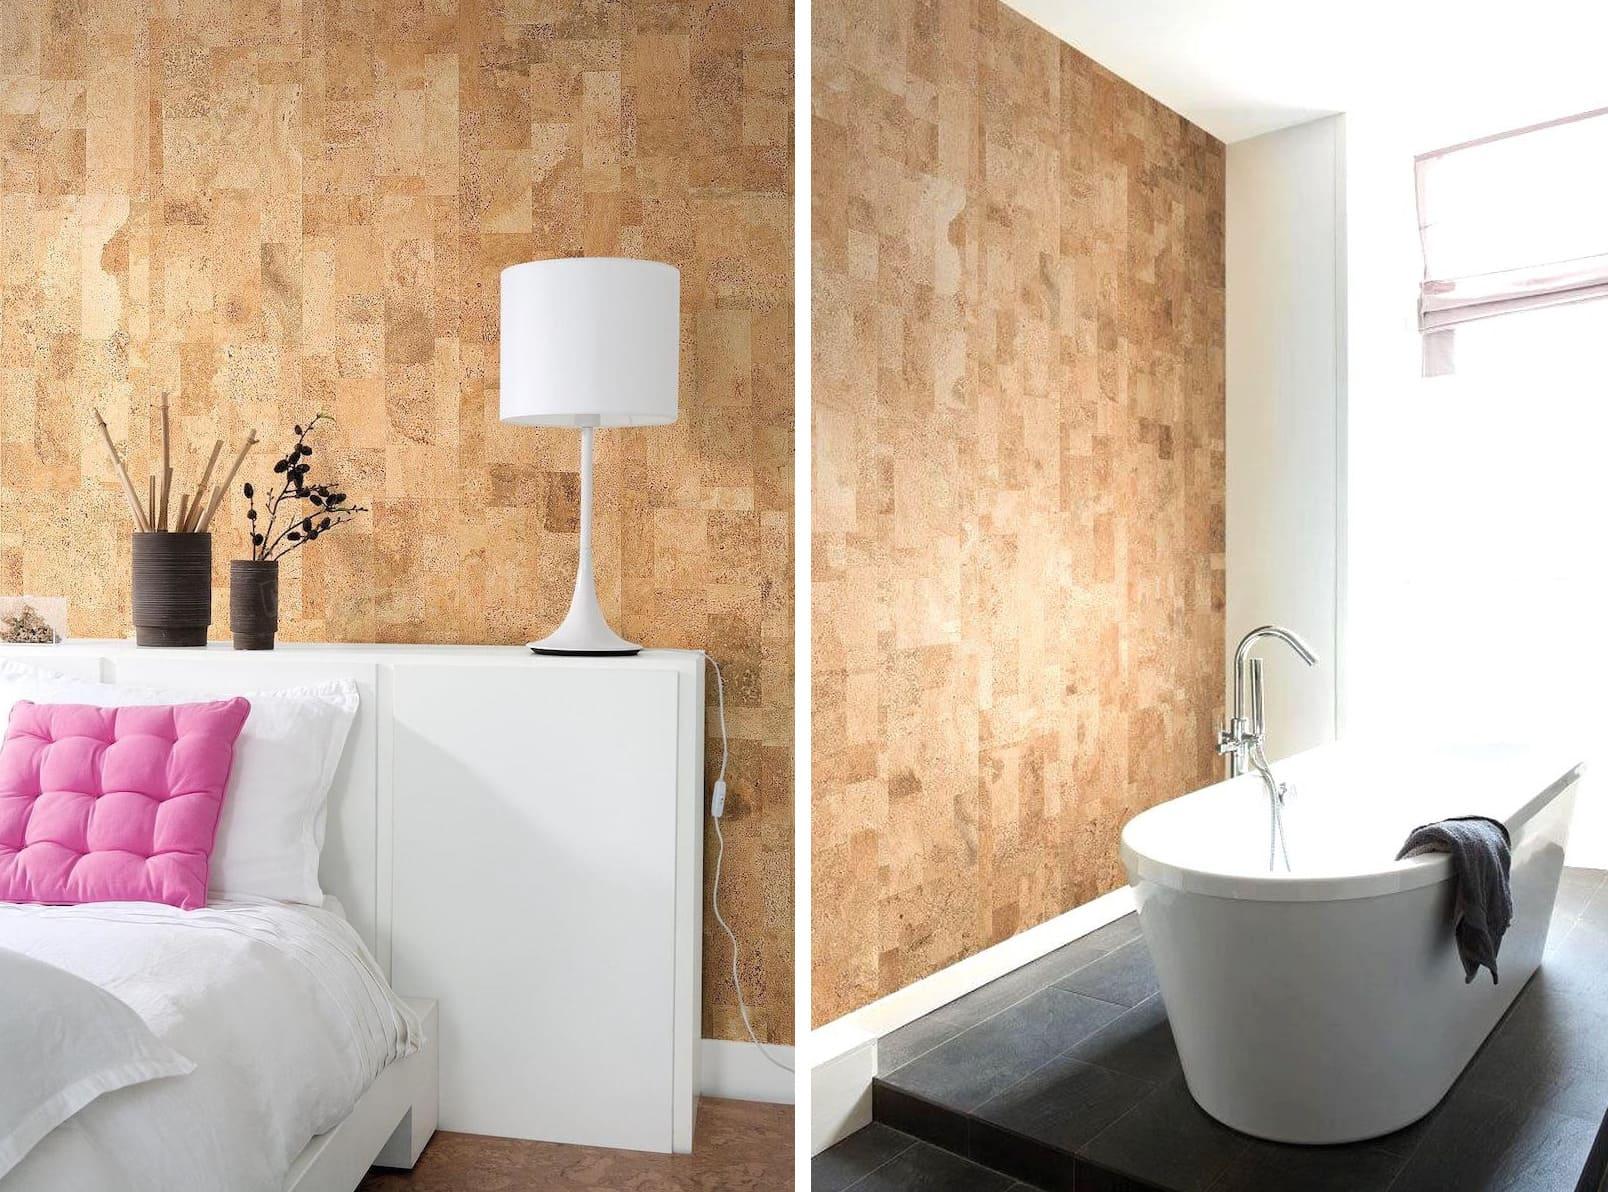 Современные пробковые обои модно украсят стены как жилой, так и нежилой комнаты